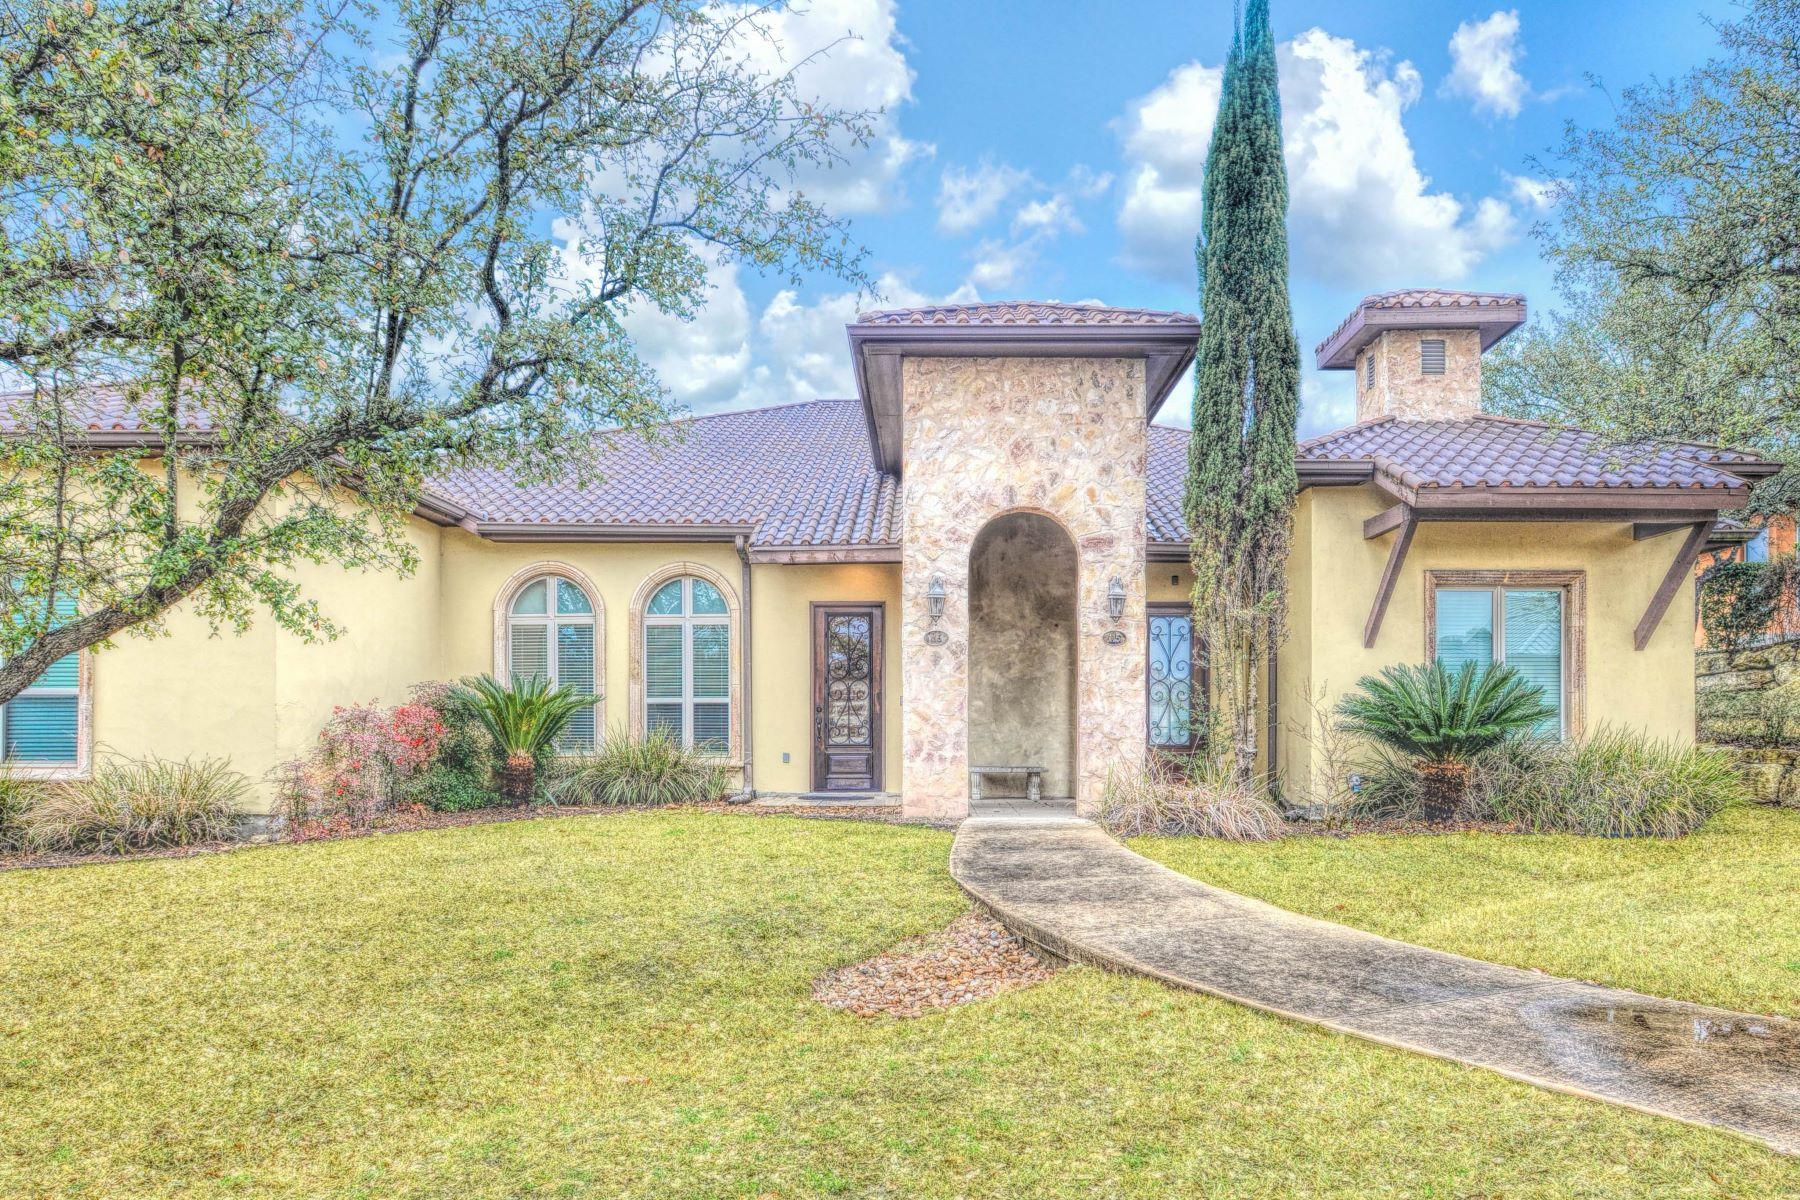 共管式独立产权公寓 为 出租 在 8 Dominion Dr # 116 8 Dominion Dr #116, 圣安东尼奥, 得克萨斯州, 78257 美国